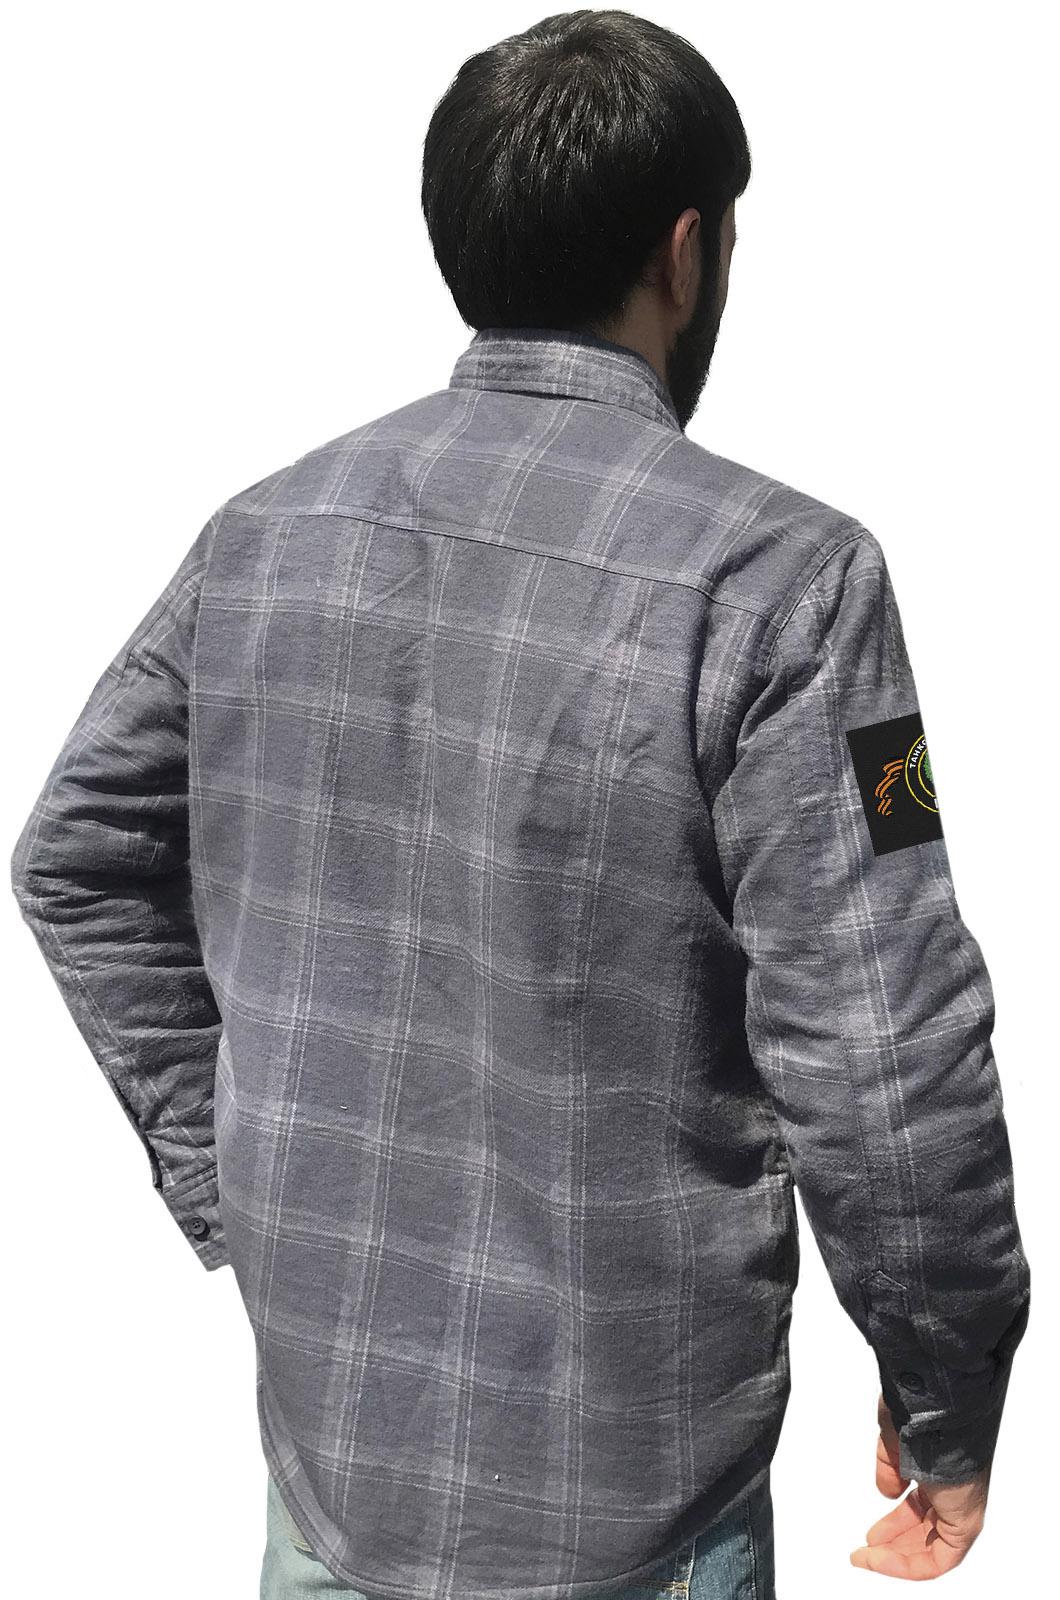 Купить лаконичную рубашку с вышитой эмблемой Танковые Войска с доставкой в любой город